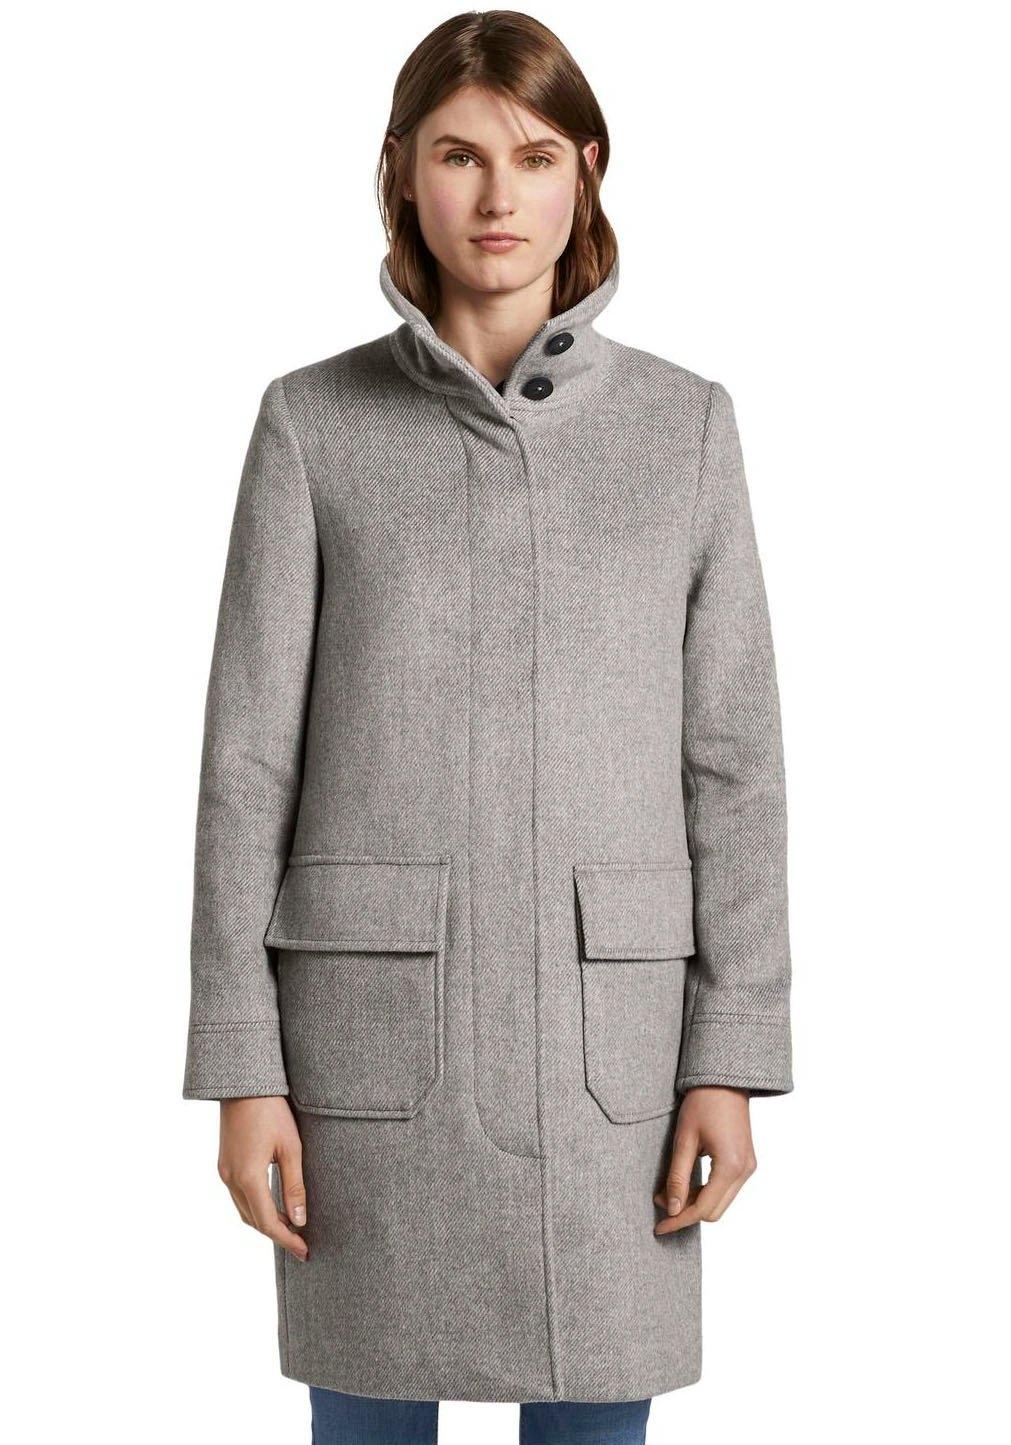 TOM TAILOR winterjas nu online kopen bij OTTO